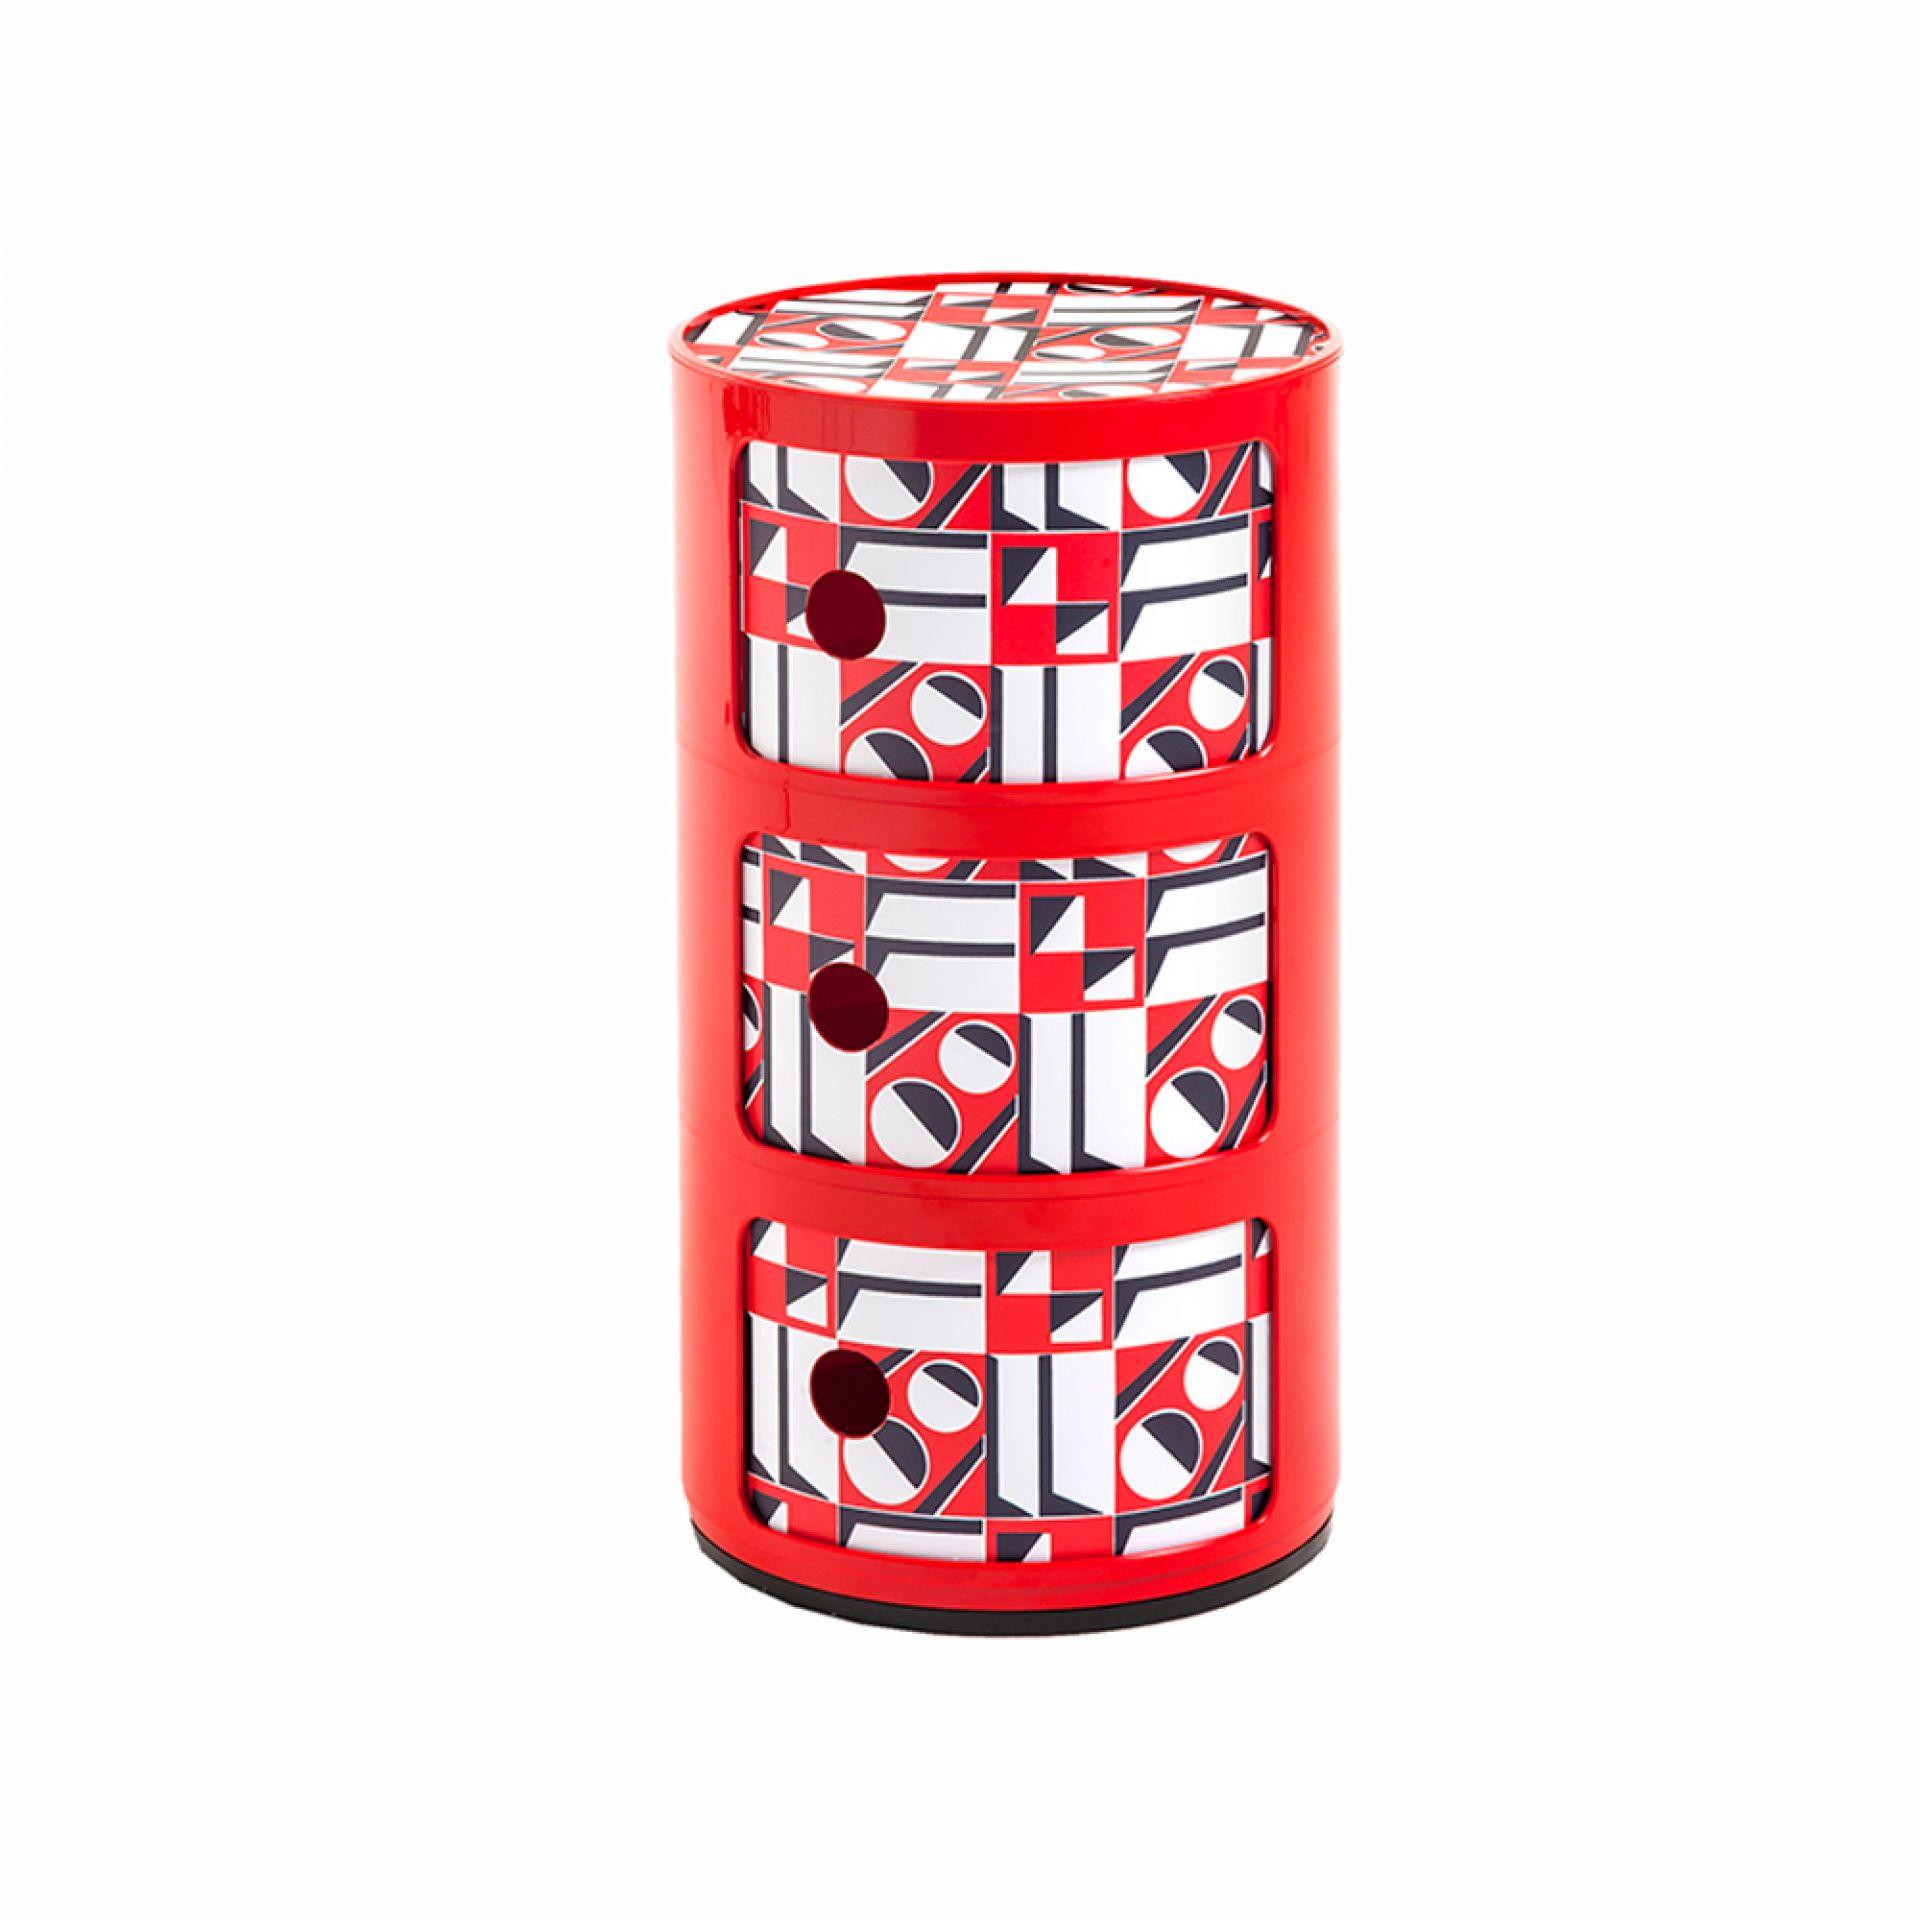 Componibili 498,791 3 element La Double J. cartel